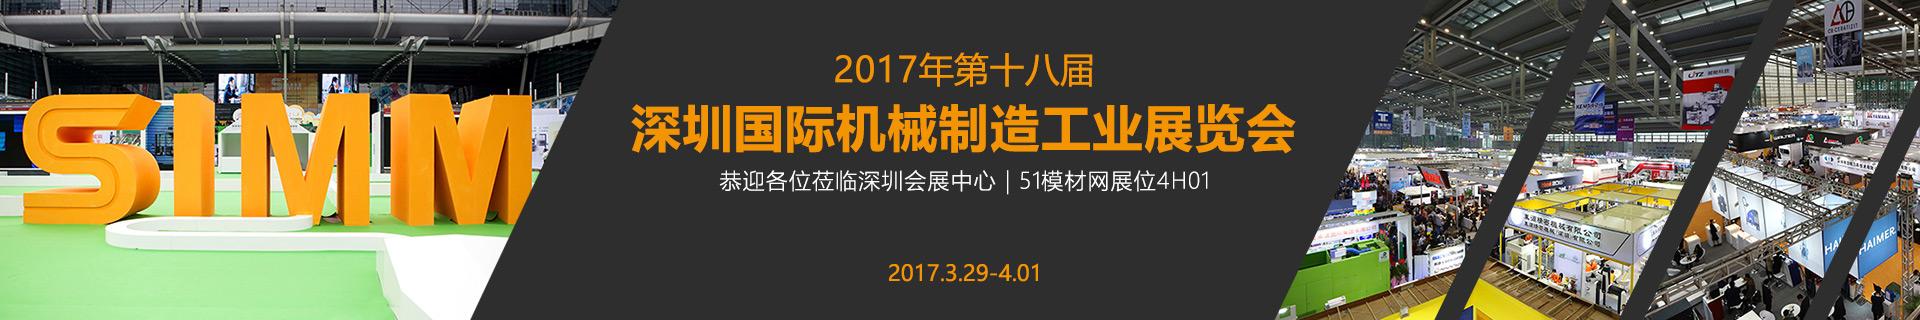 2017年第十八届深圳机械展